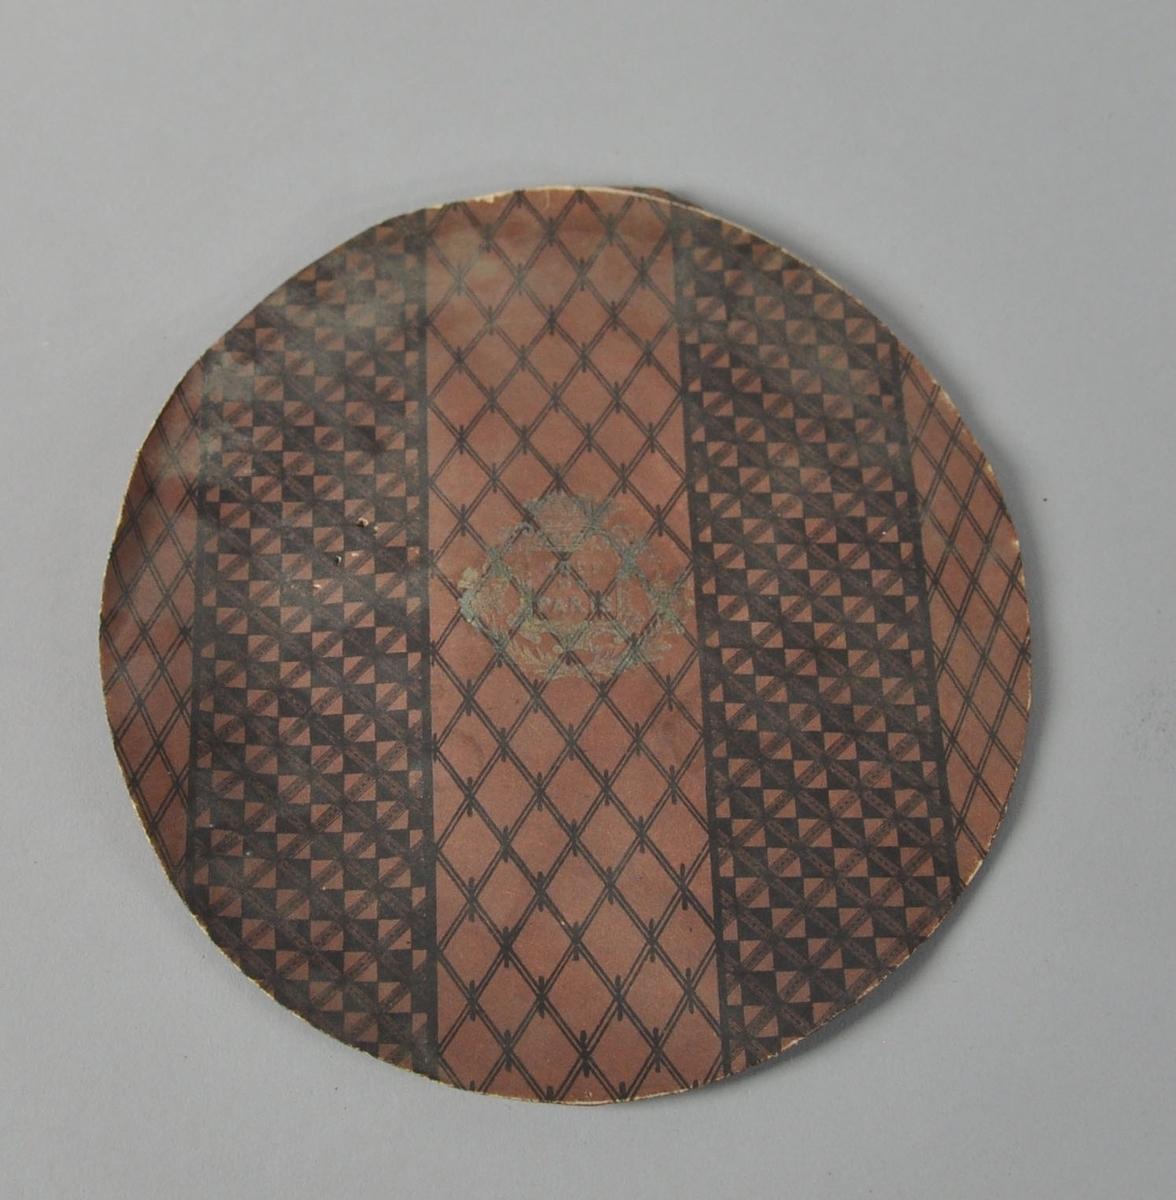 Hattefor av papp, oval form. Til innsiden av pullen.